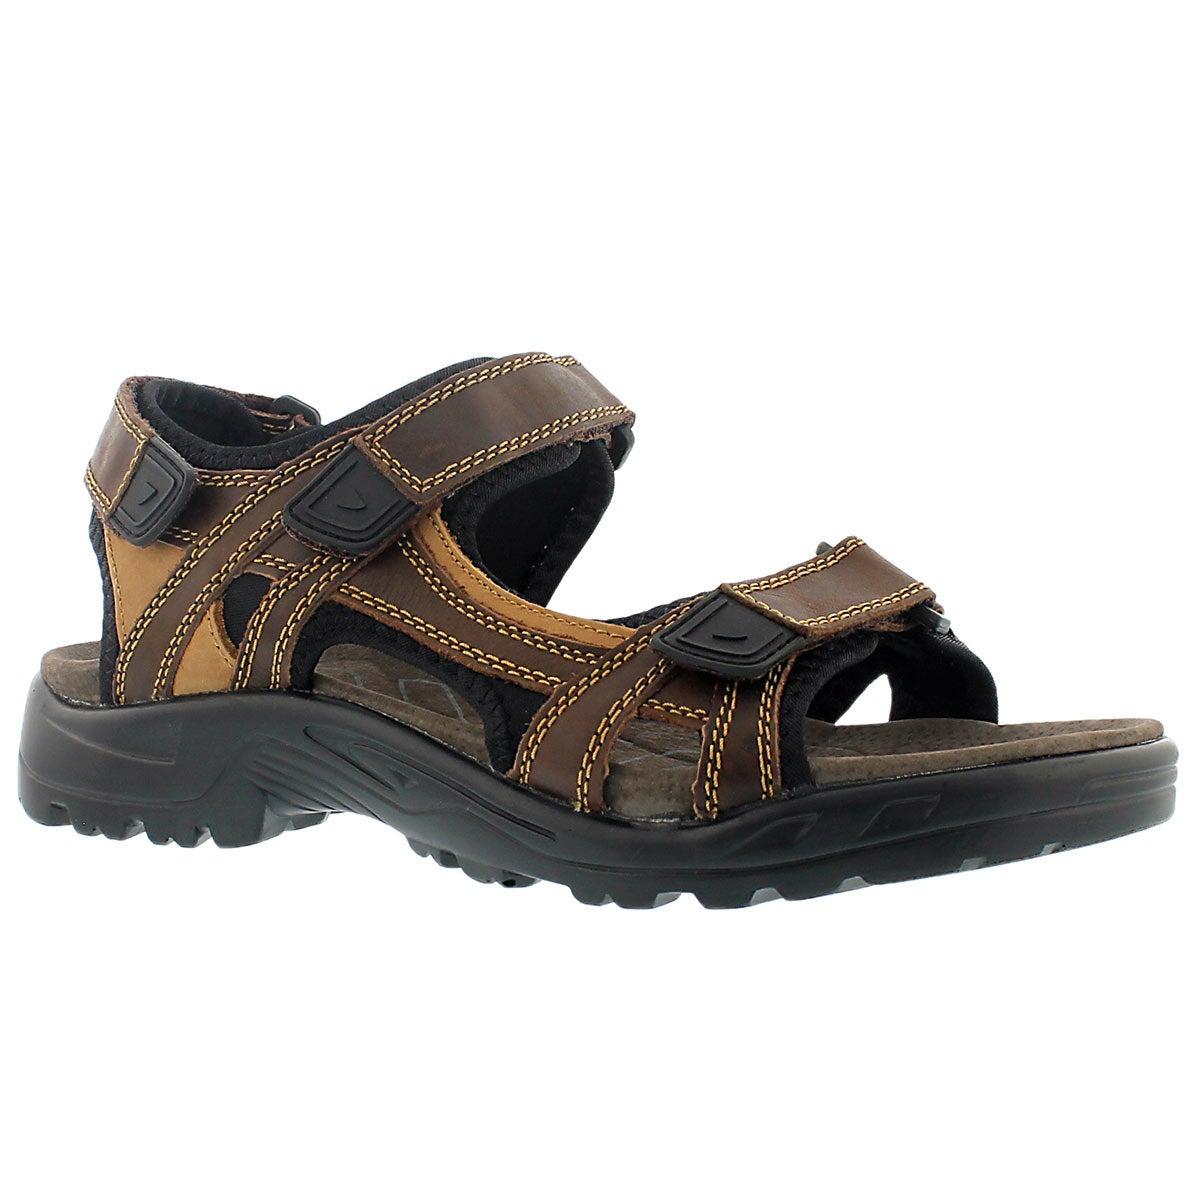 Men's KLUTCH brown 3 strap sport sandals